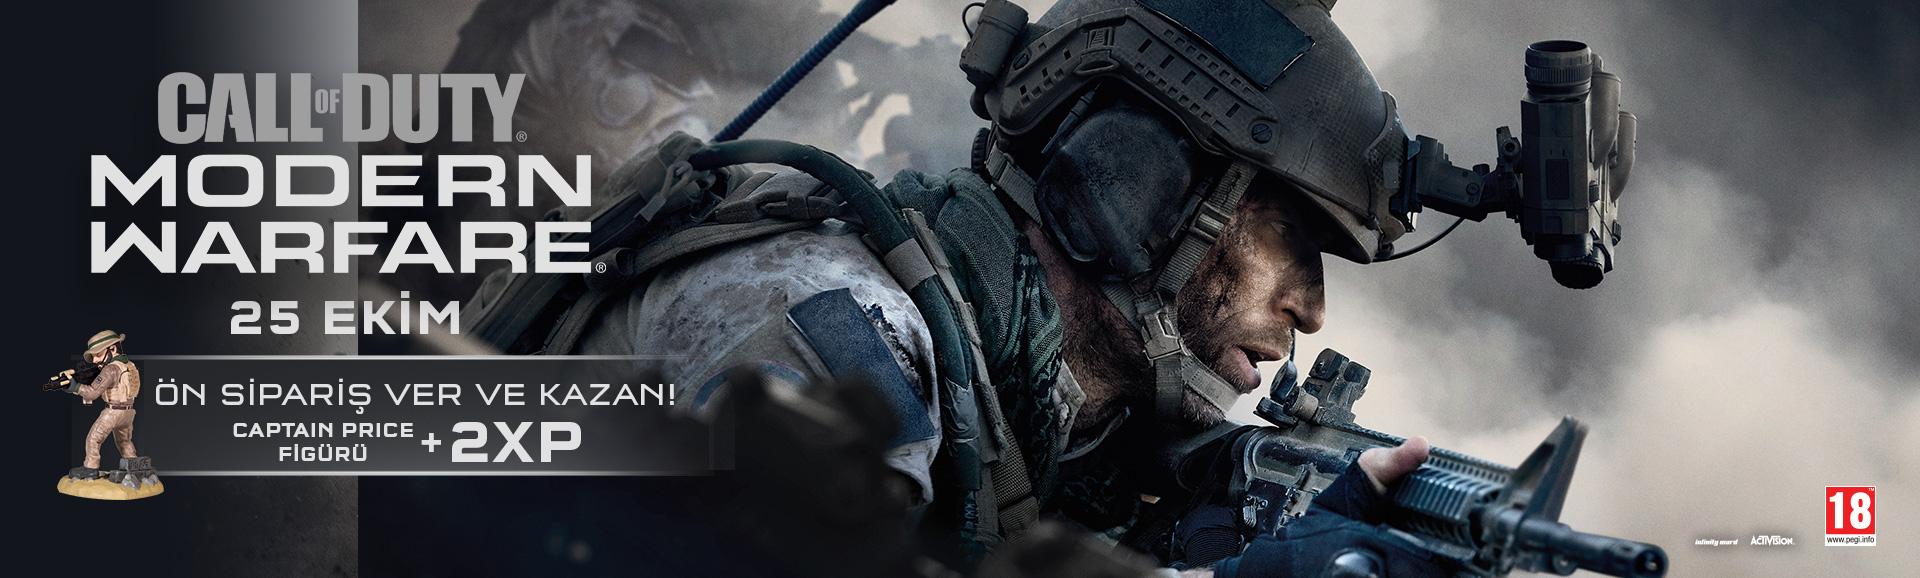 COD Modern Warfare ÖN SİPARİŞTE